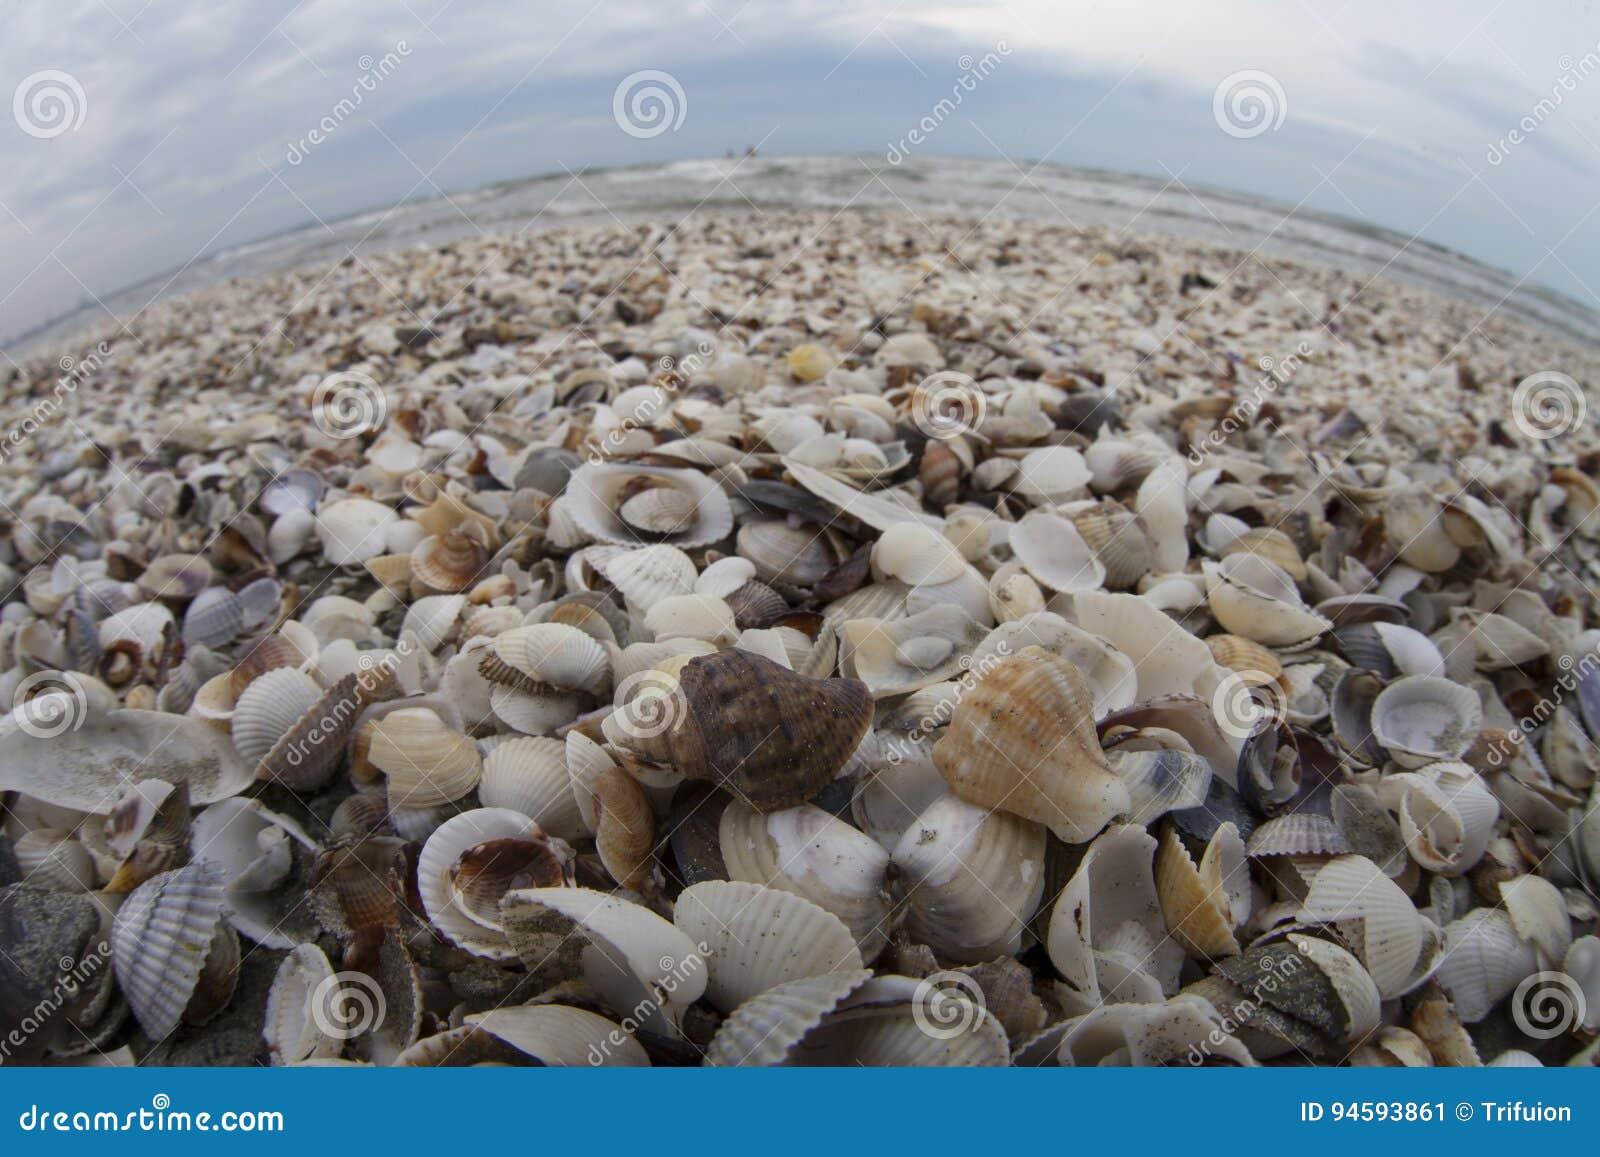 Mar de cáscaras